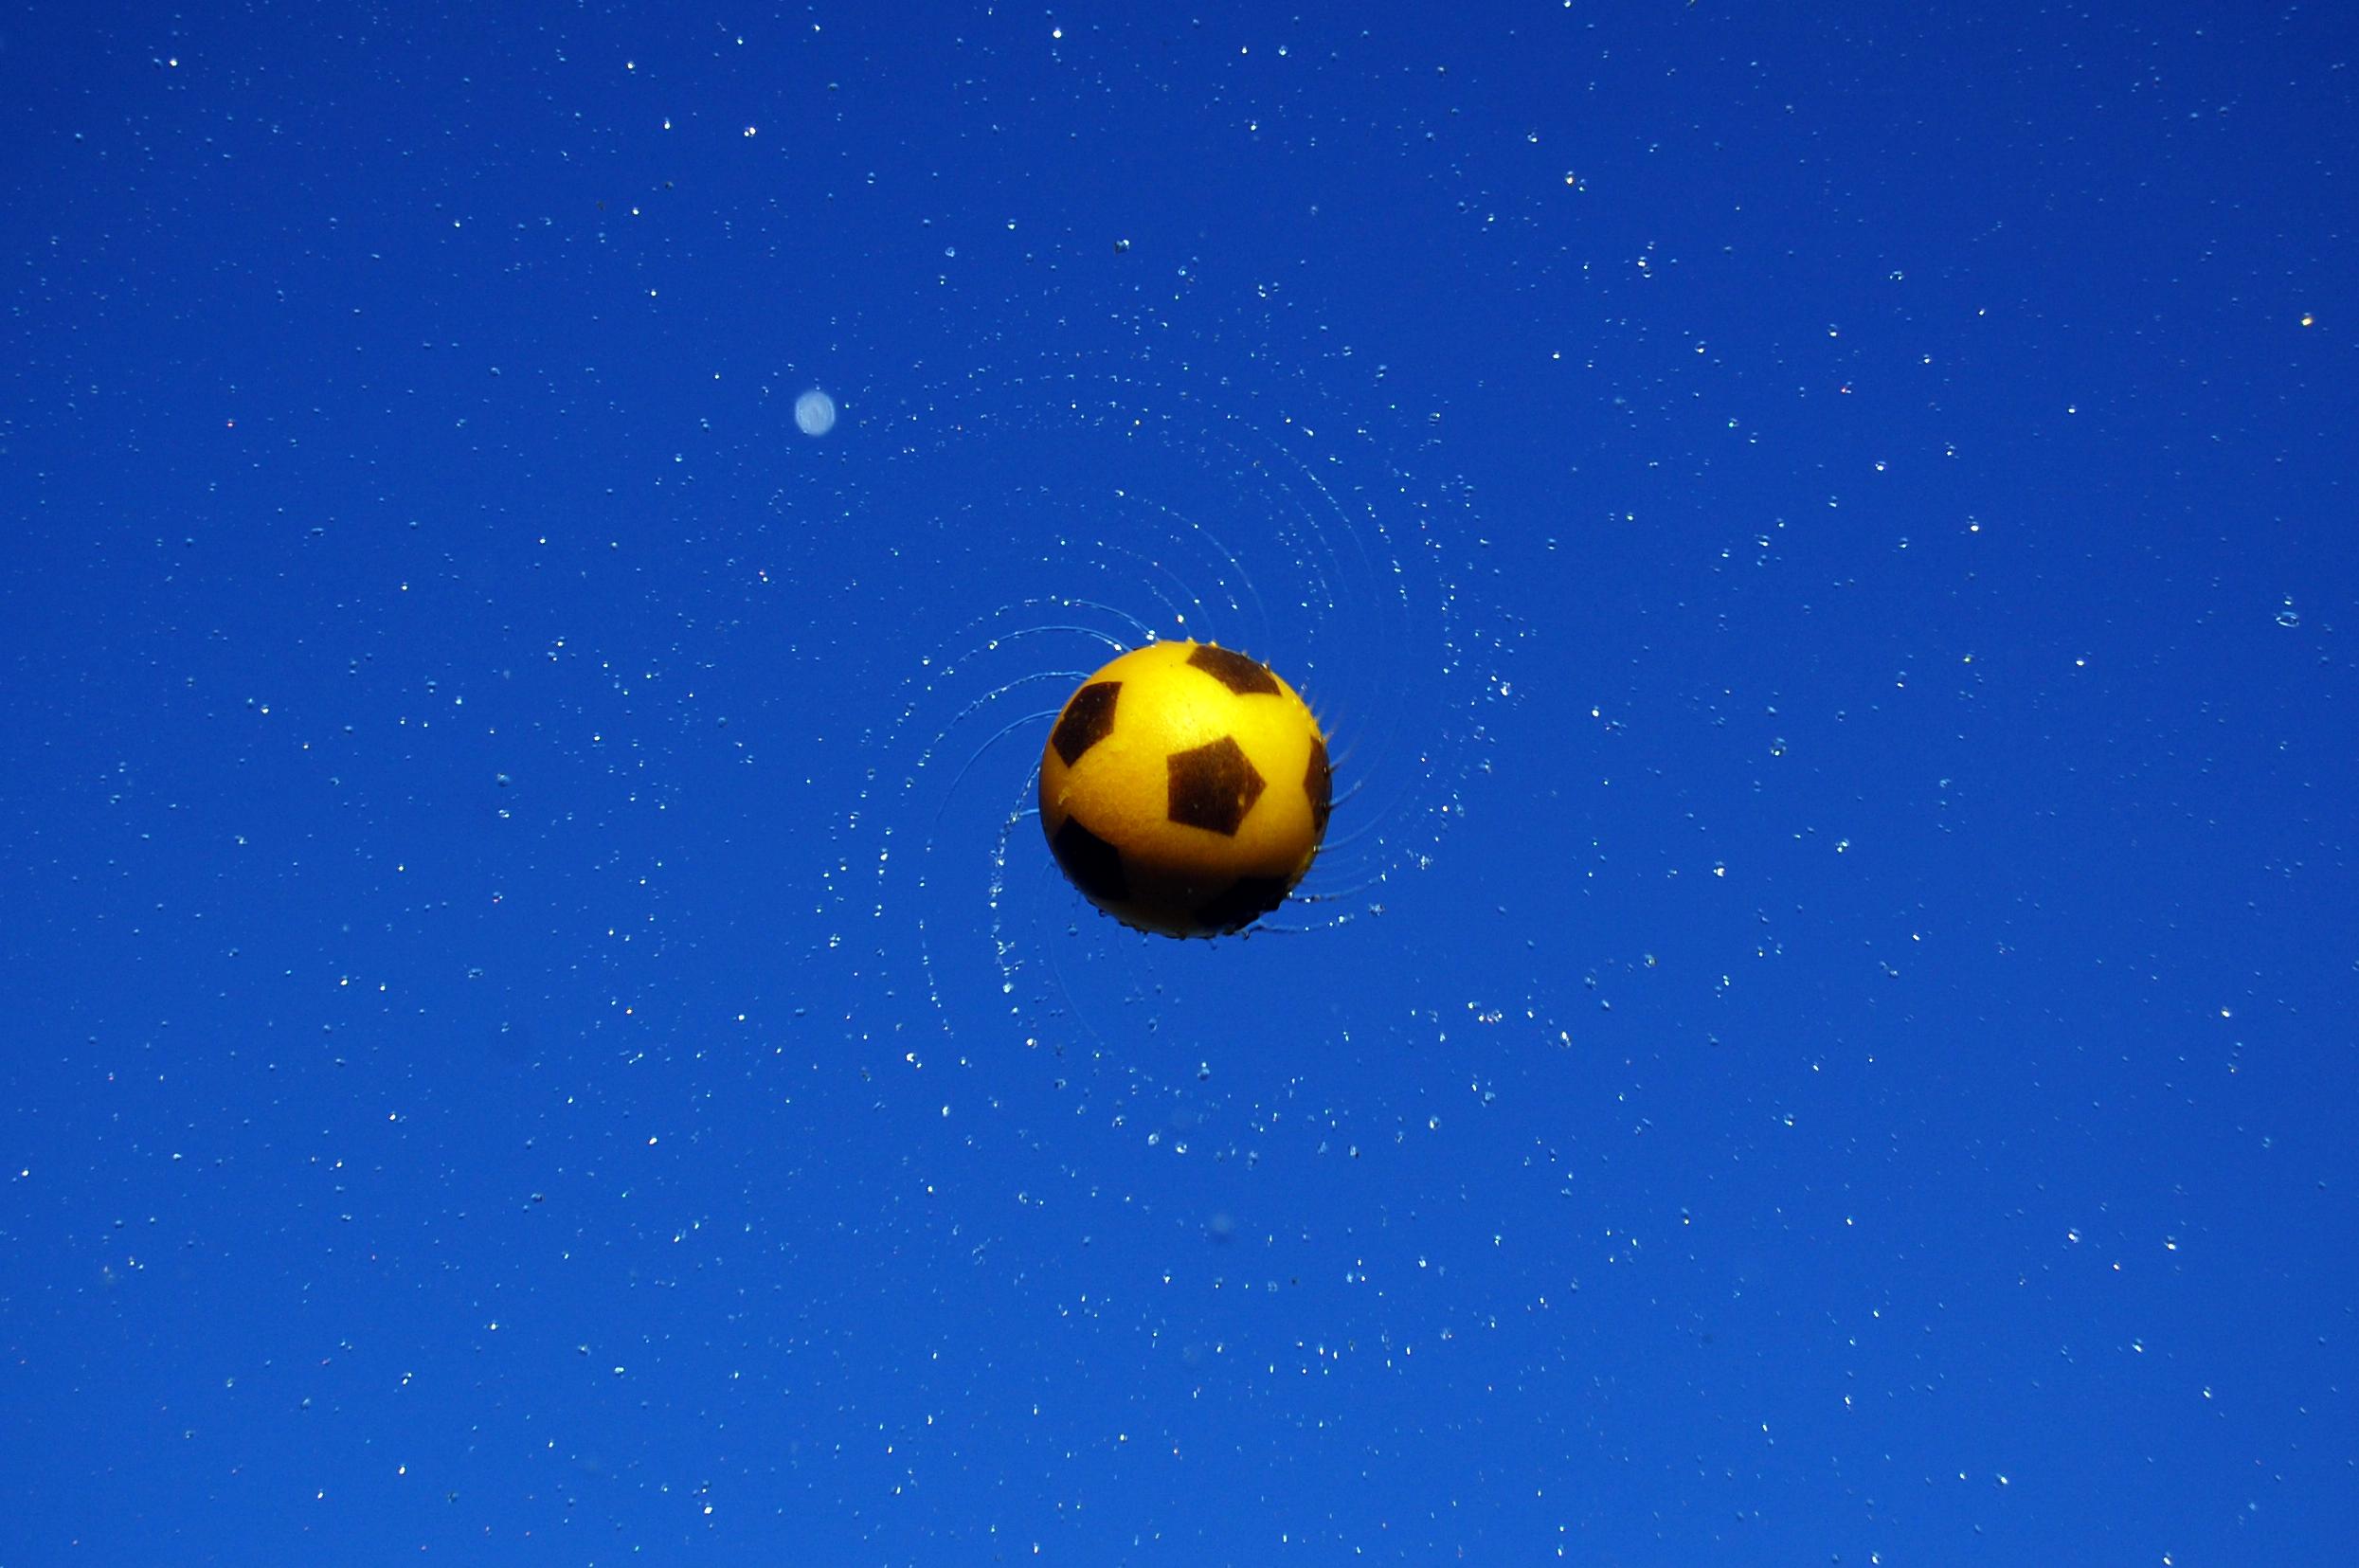 Ballon : Gerbe d'eau par un ballon lancé en l'air en tournant sur lui même